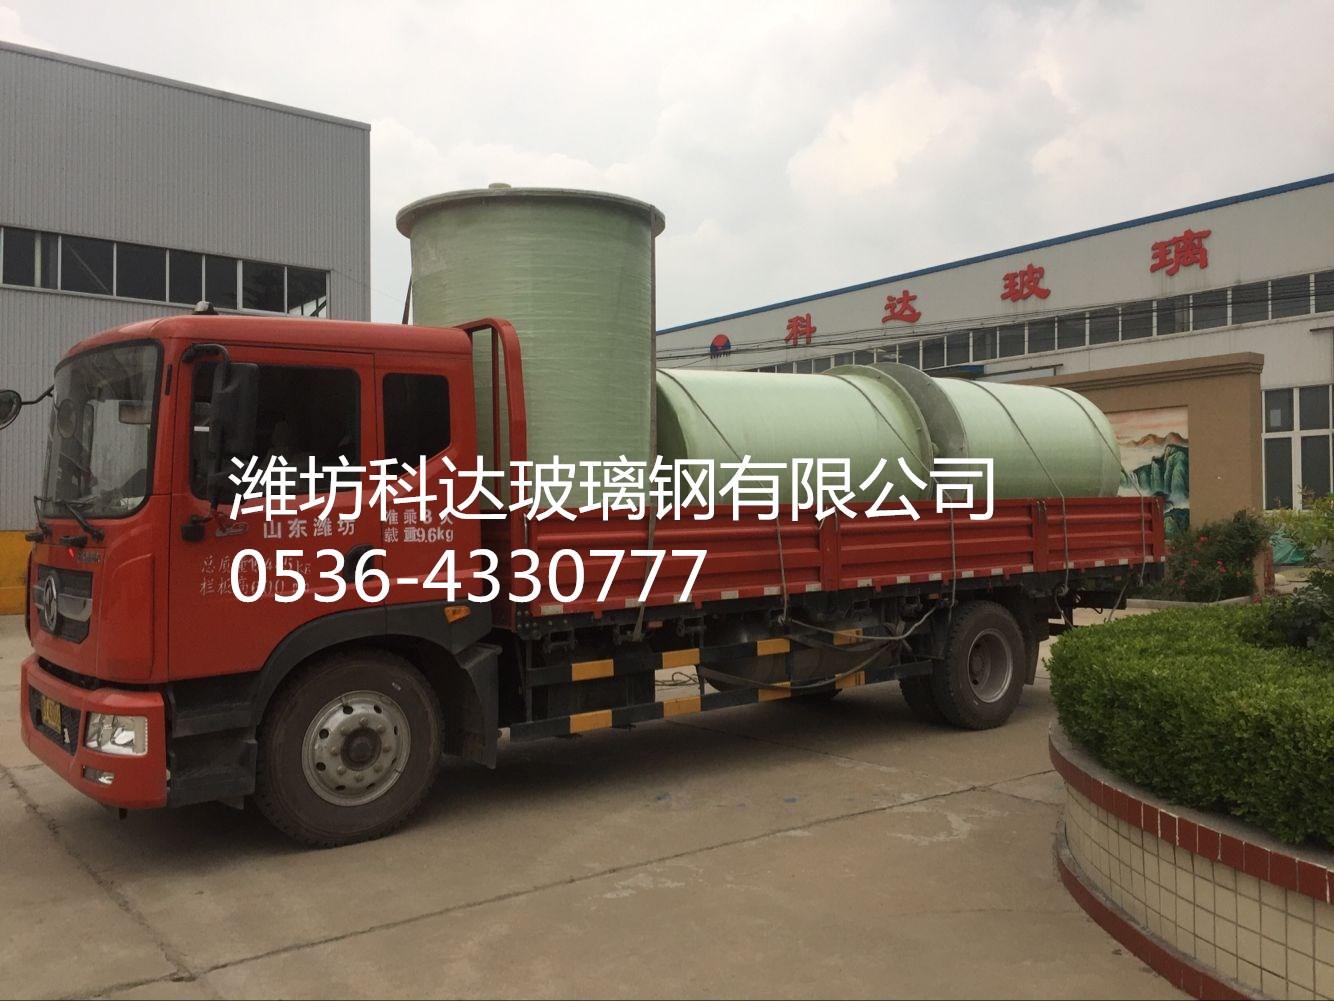 解析玻璃钢罐内部结构说明|行业资讯-潍坊科达玻璃钢有限公司